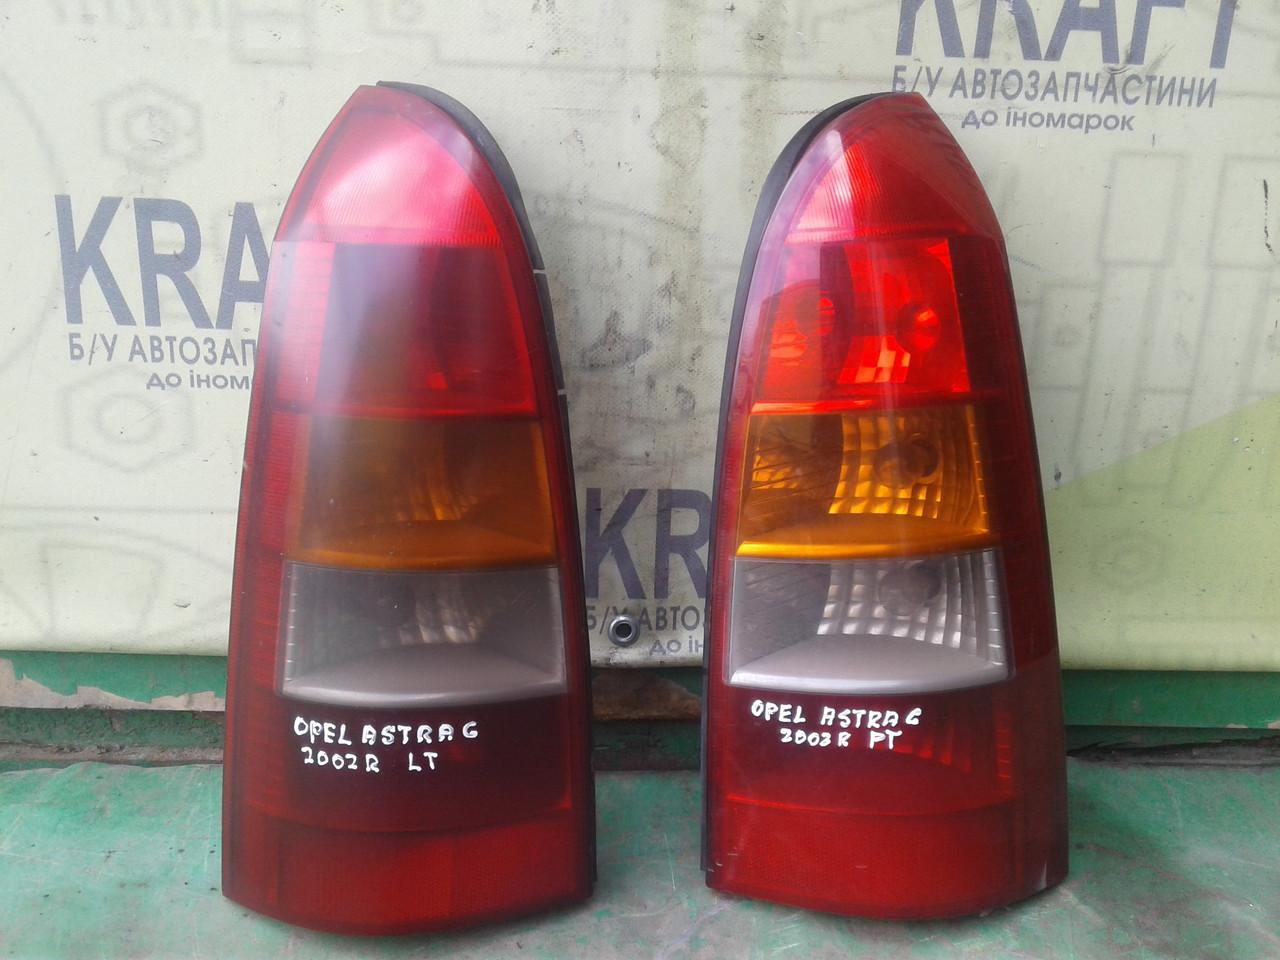 Б/у ліхтар задній лівий і правий для Opel Astra G 2002-2004 р.